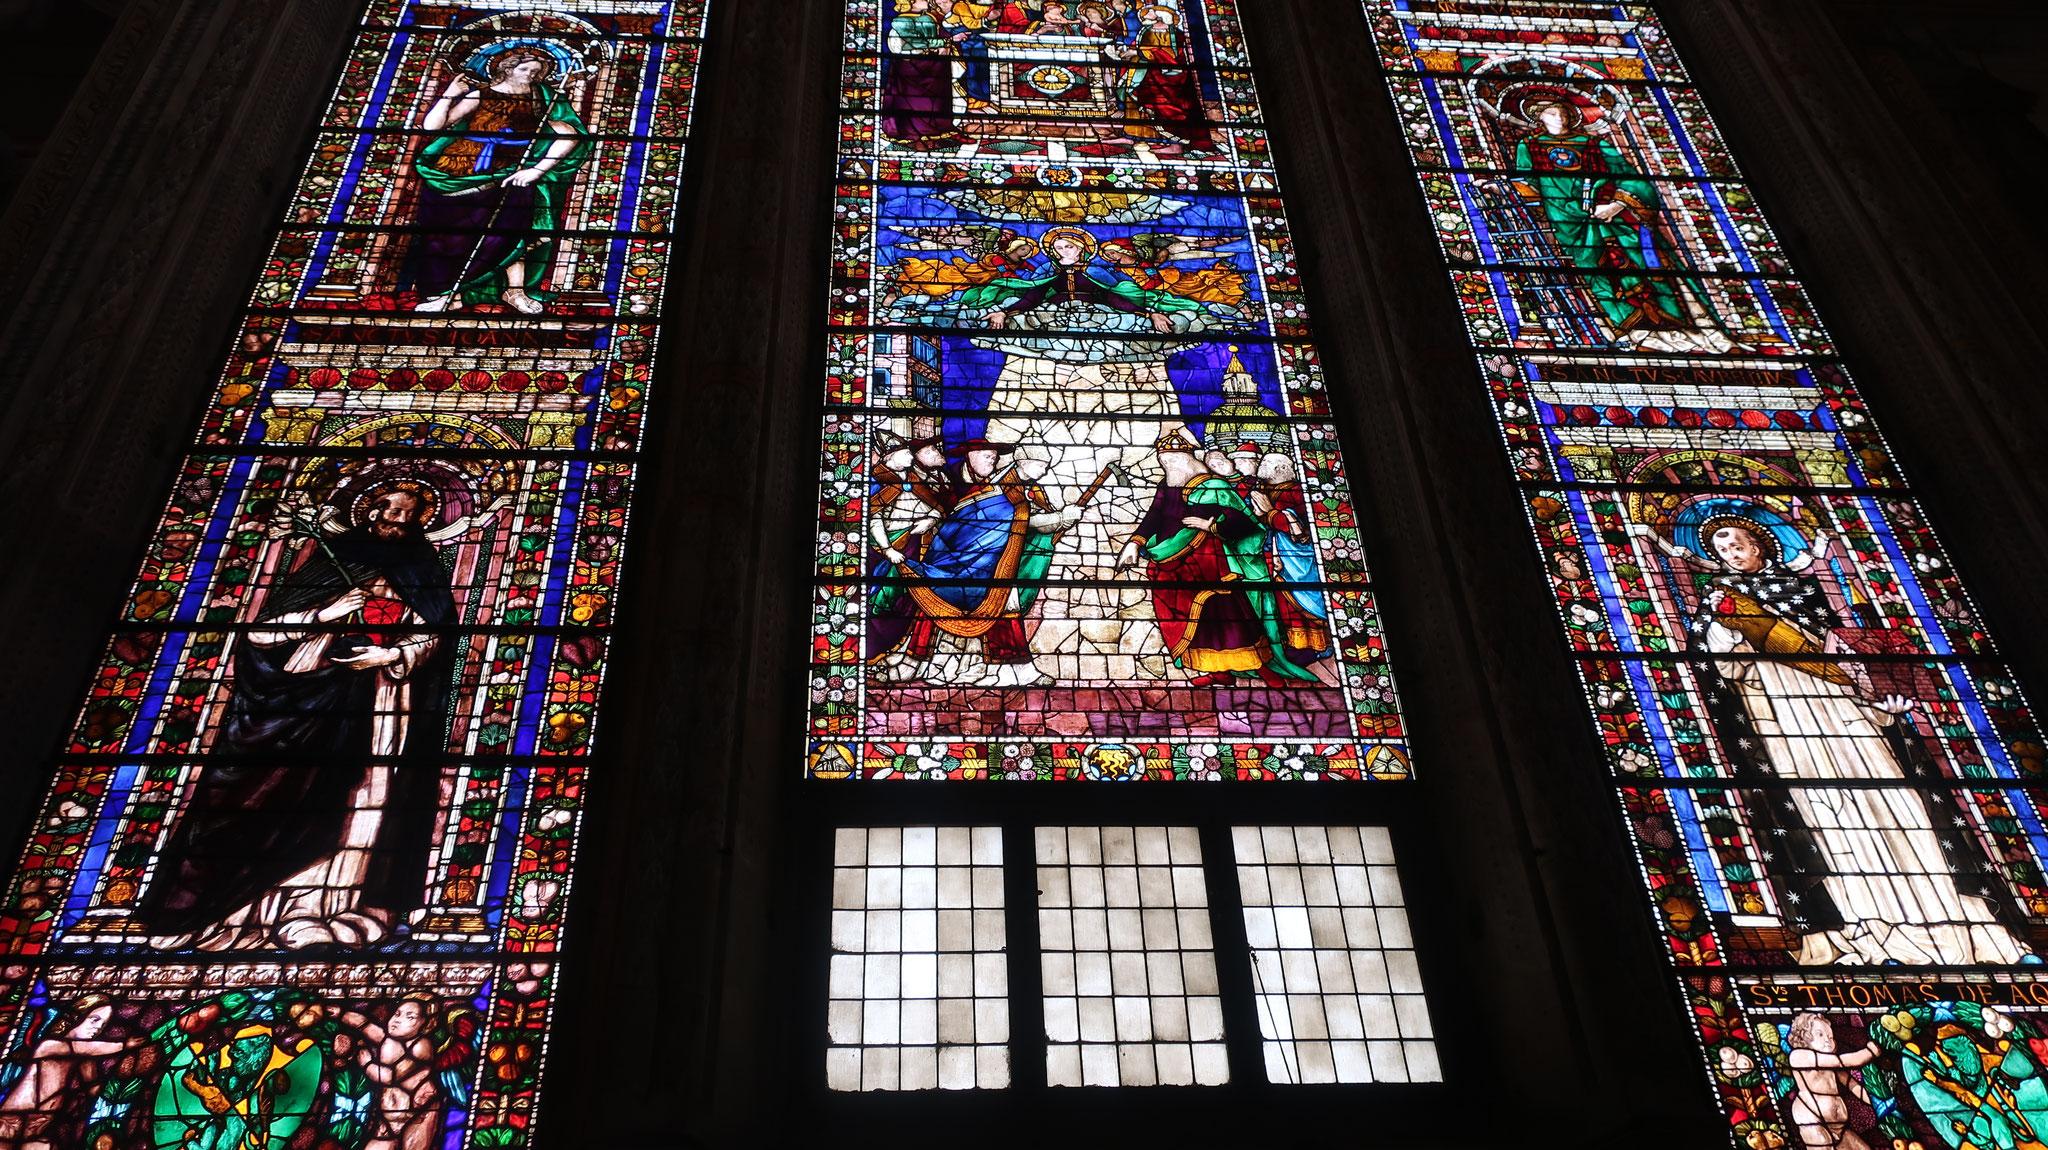 中央礼拝堂のステンドグラス。ギルランダイオ制作。